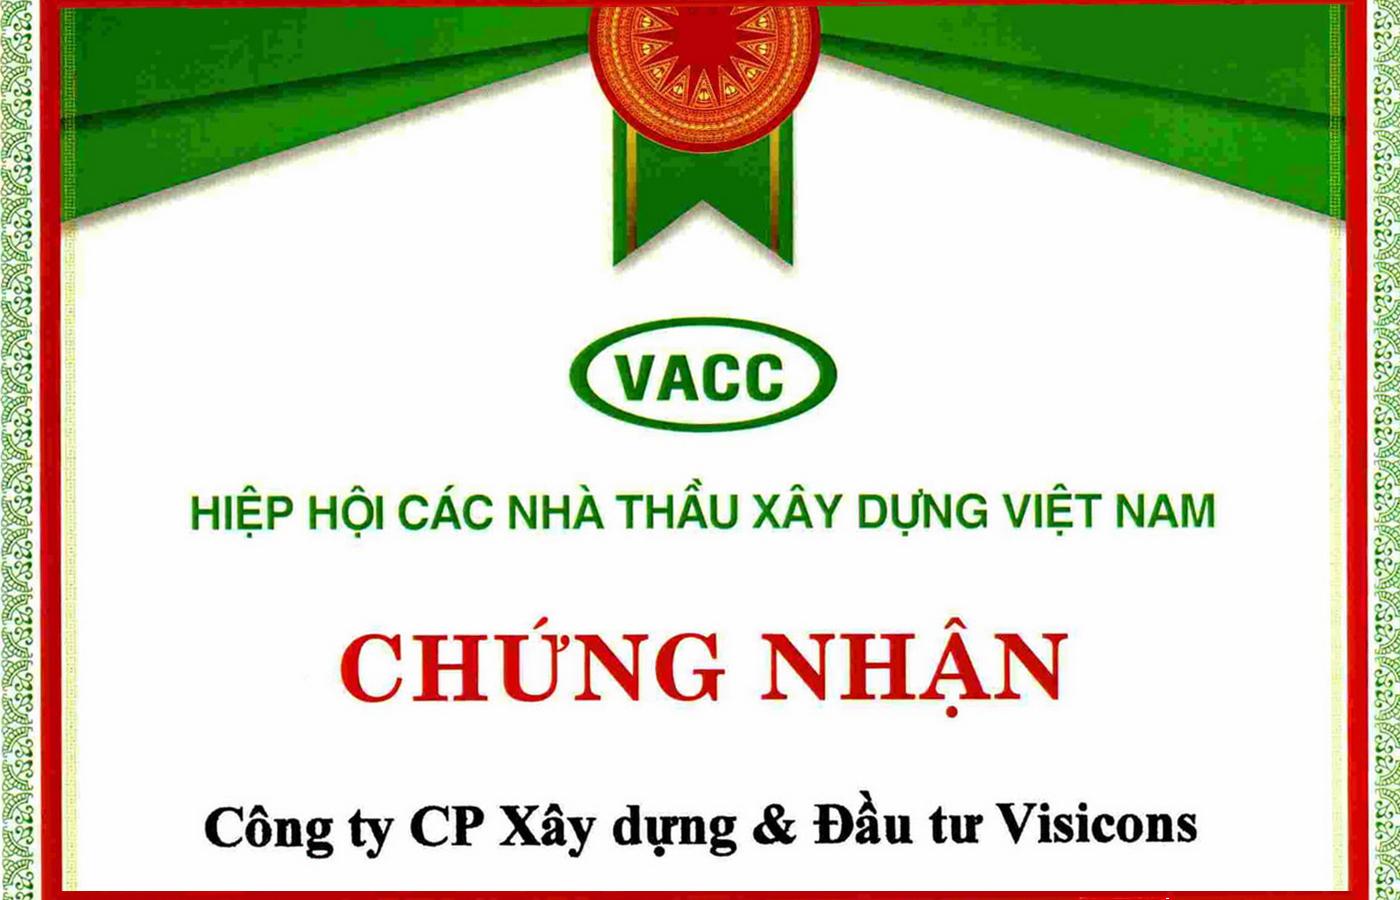 Chứng nhận Hiệp hội các nhà thầu xây dựng Việt Nam